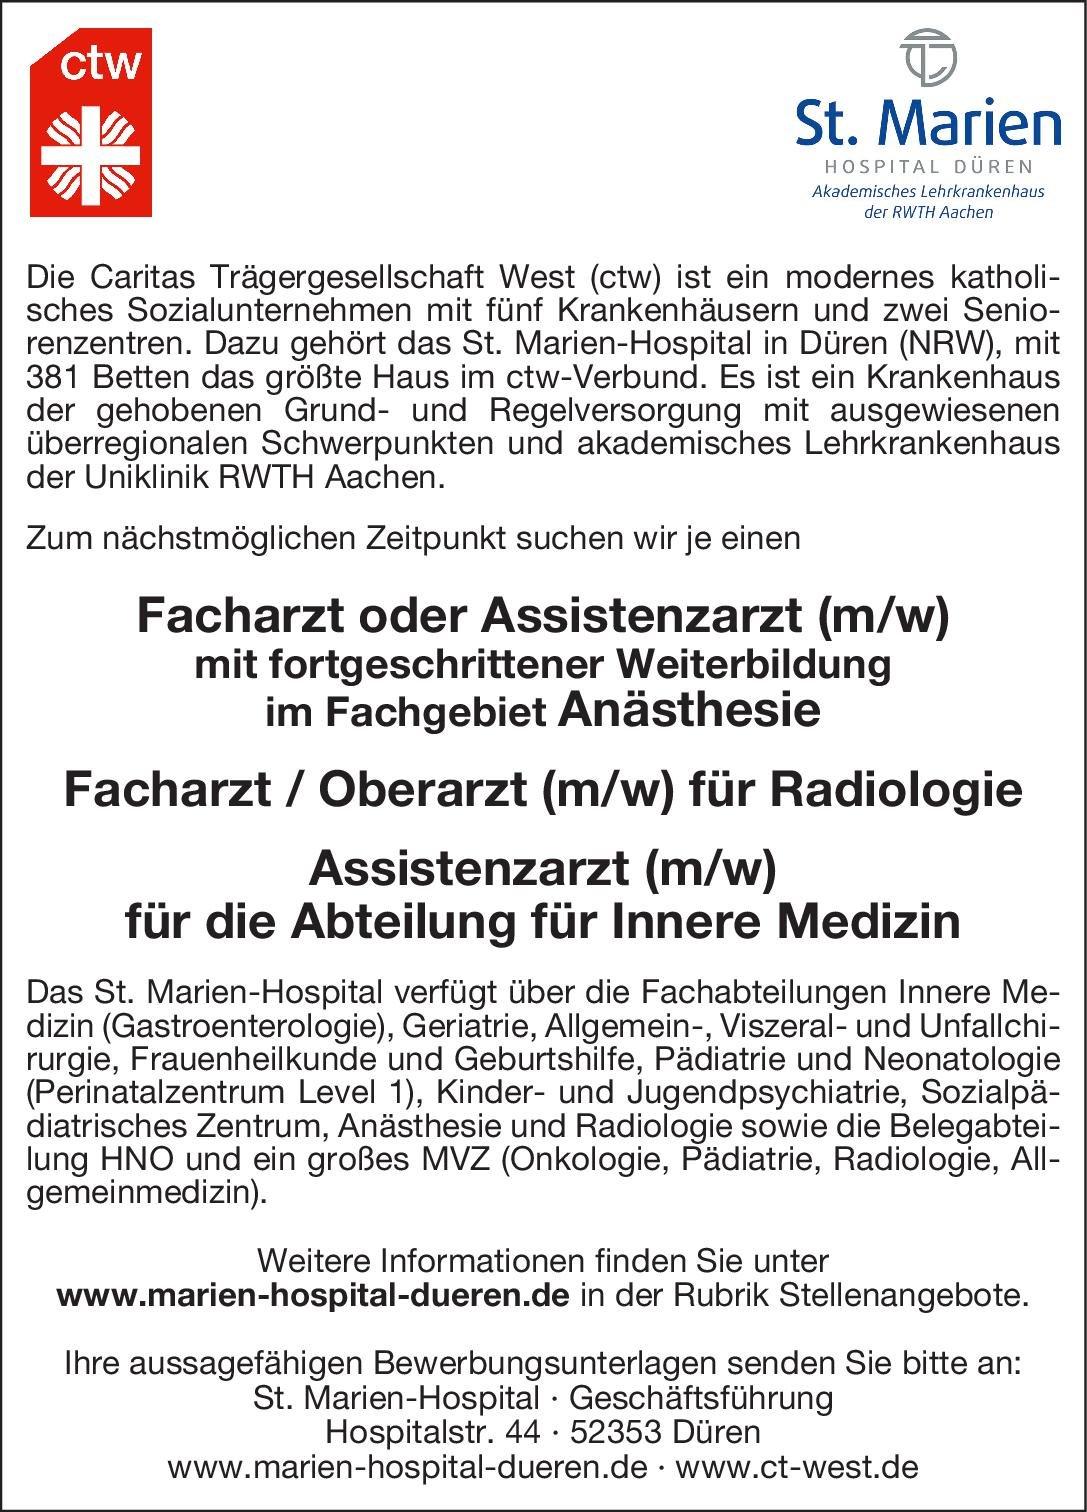 ctw St. Marien-Hospital Düren Assistenzarzt (m/w) für die Abteilung für Innere Medizin  Innere Medizin, Innere Medizin Assistenzarzt / Arzt in Weiterbildung